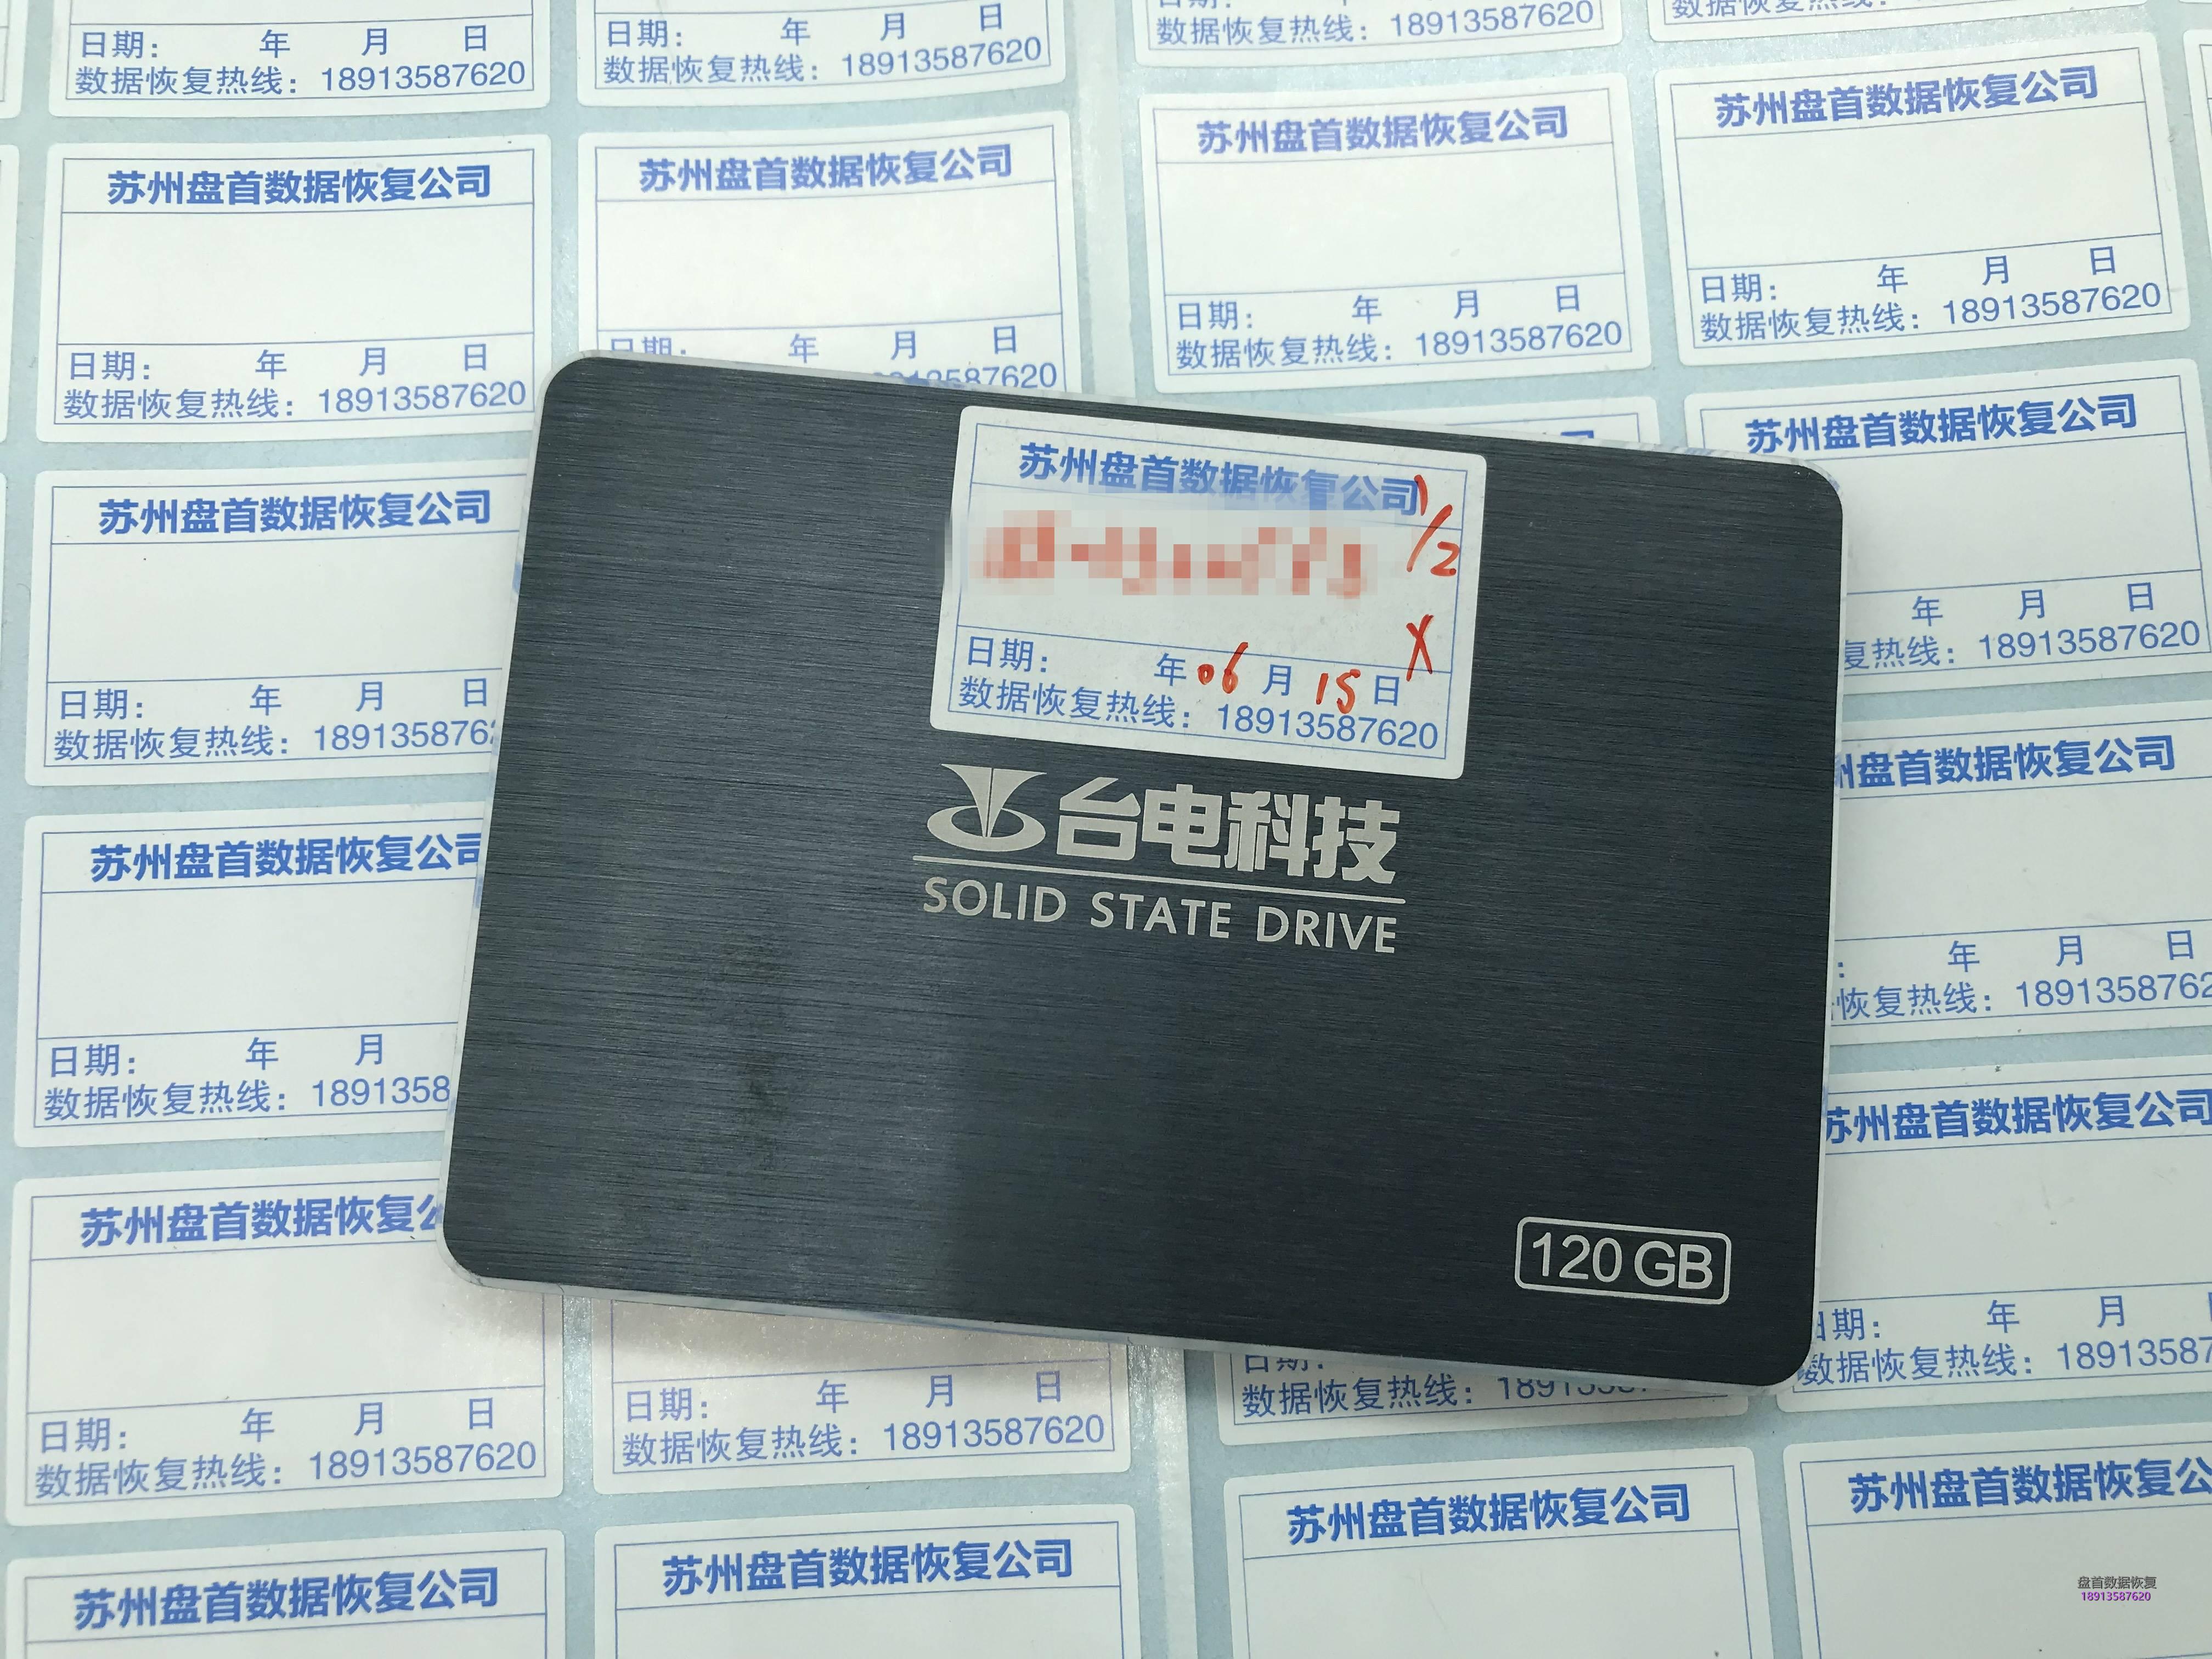 0-4 二次恢复成功台电S500固态硬盘SM2246XT主控使用PC3000 SSD读加载LDR报FLASH芯片通道错误